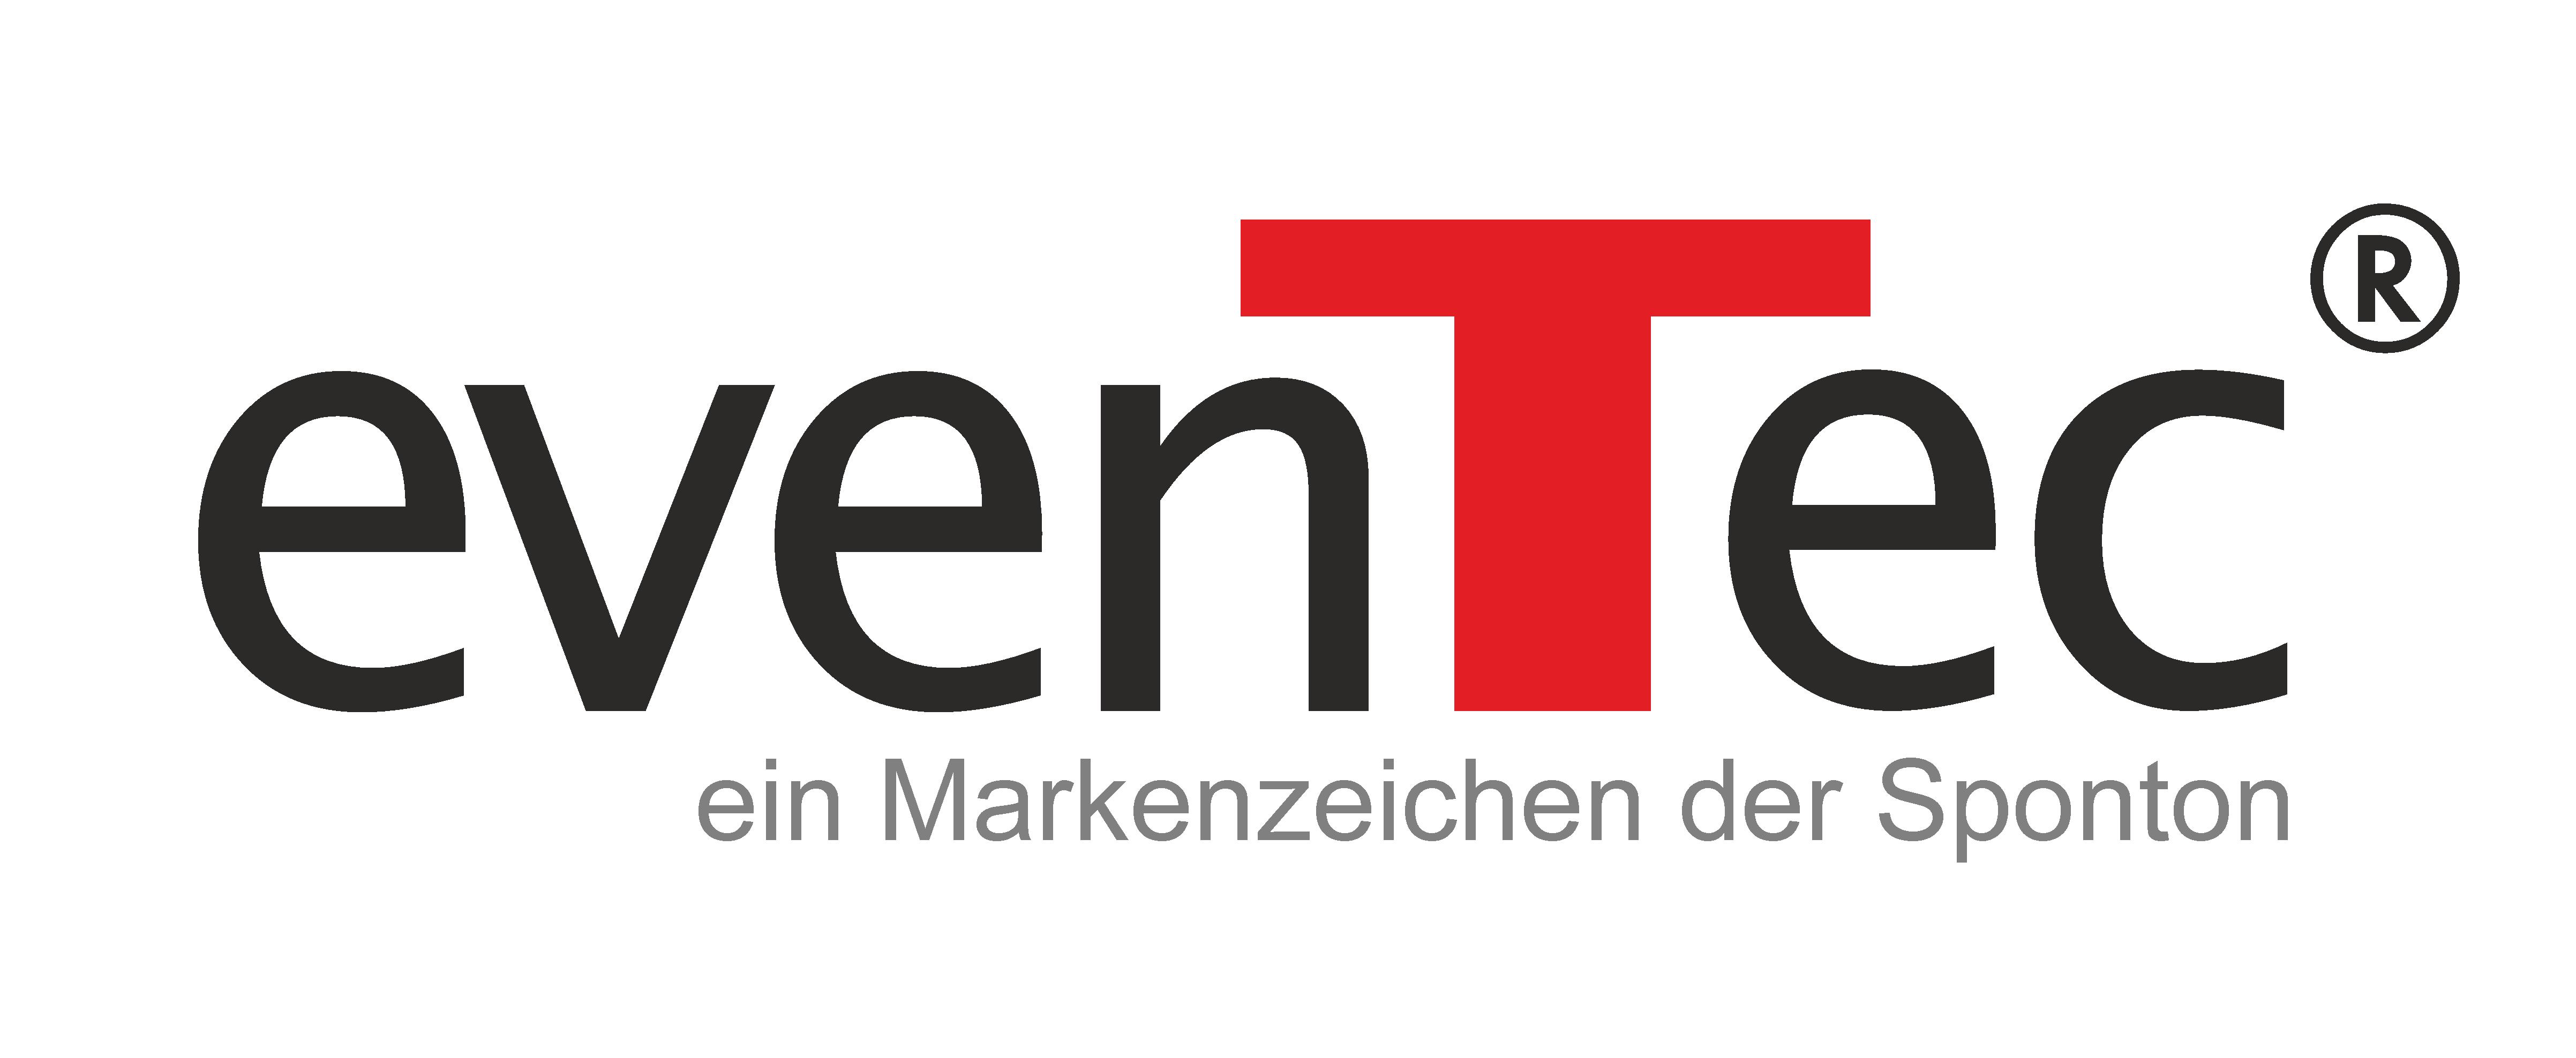 Logo evenTec (R), www.eventec.de